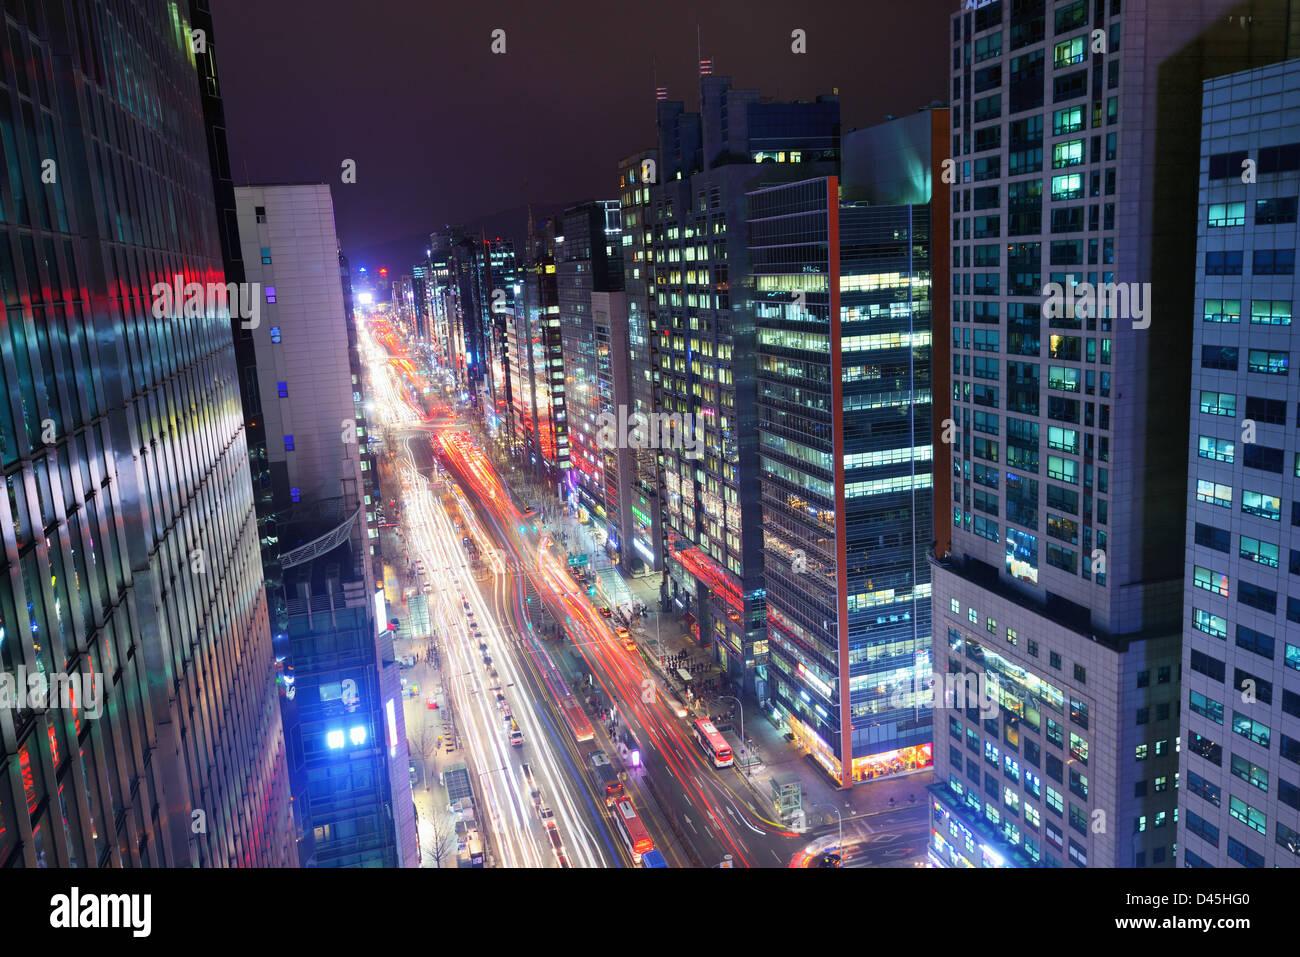 Il quartiere di Gangnam di Seoul, Corea del Sud. Immagini Stock